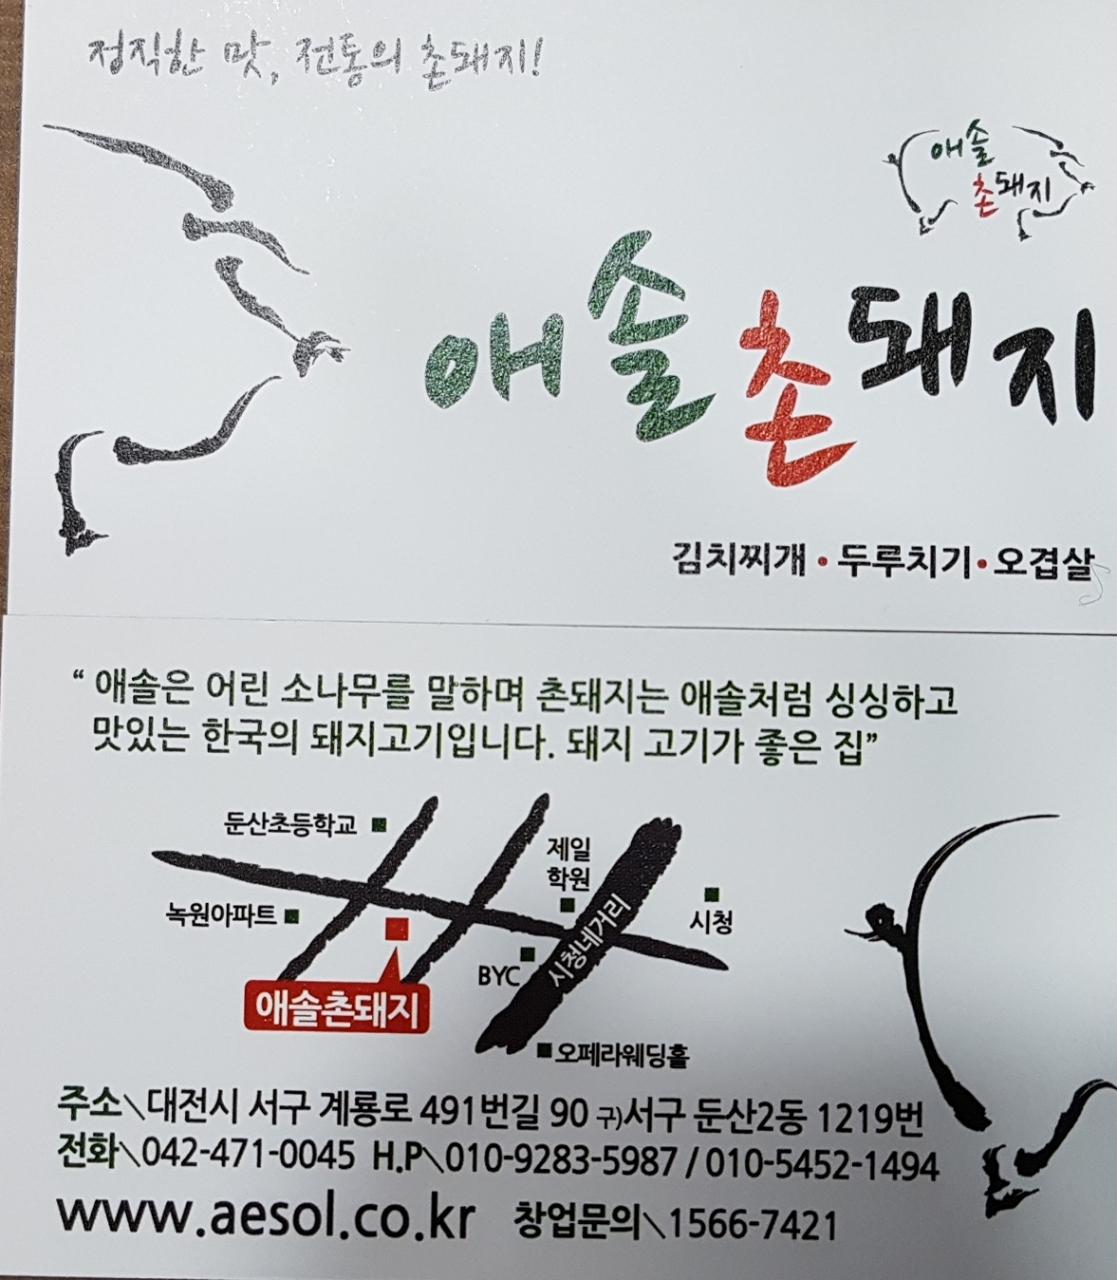 대전서구둔산동1219번지 김치 찌개오겹살  집밥처럼 ^^